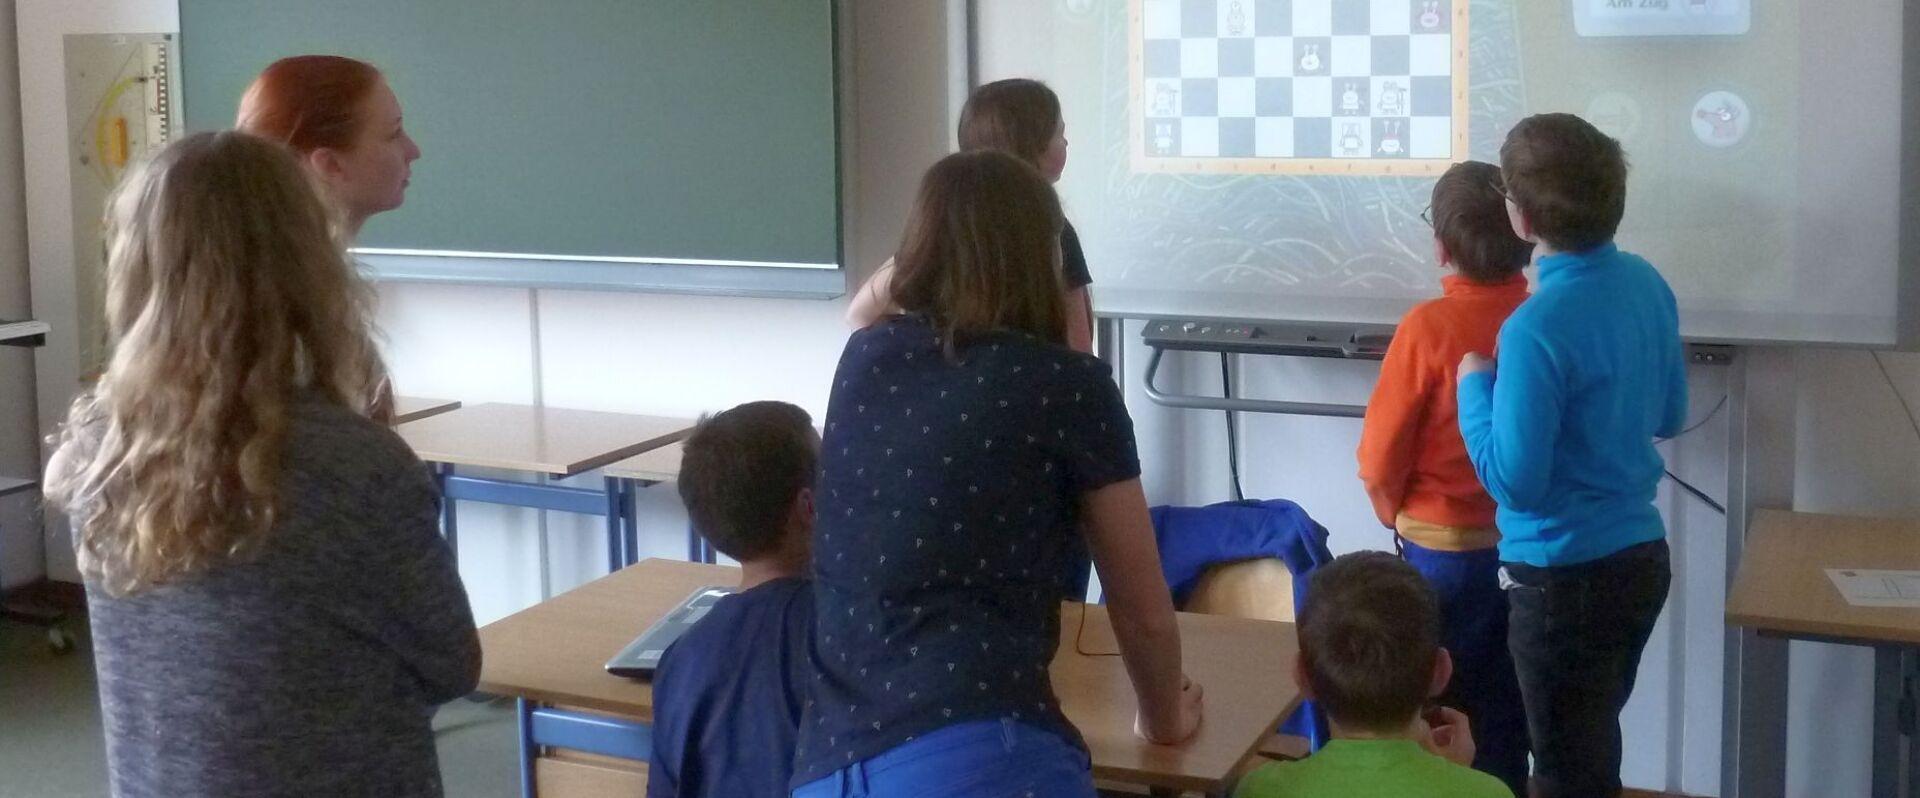 Jugendtag anlässlich der Heilig-Rock-Tage: Schach spielen